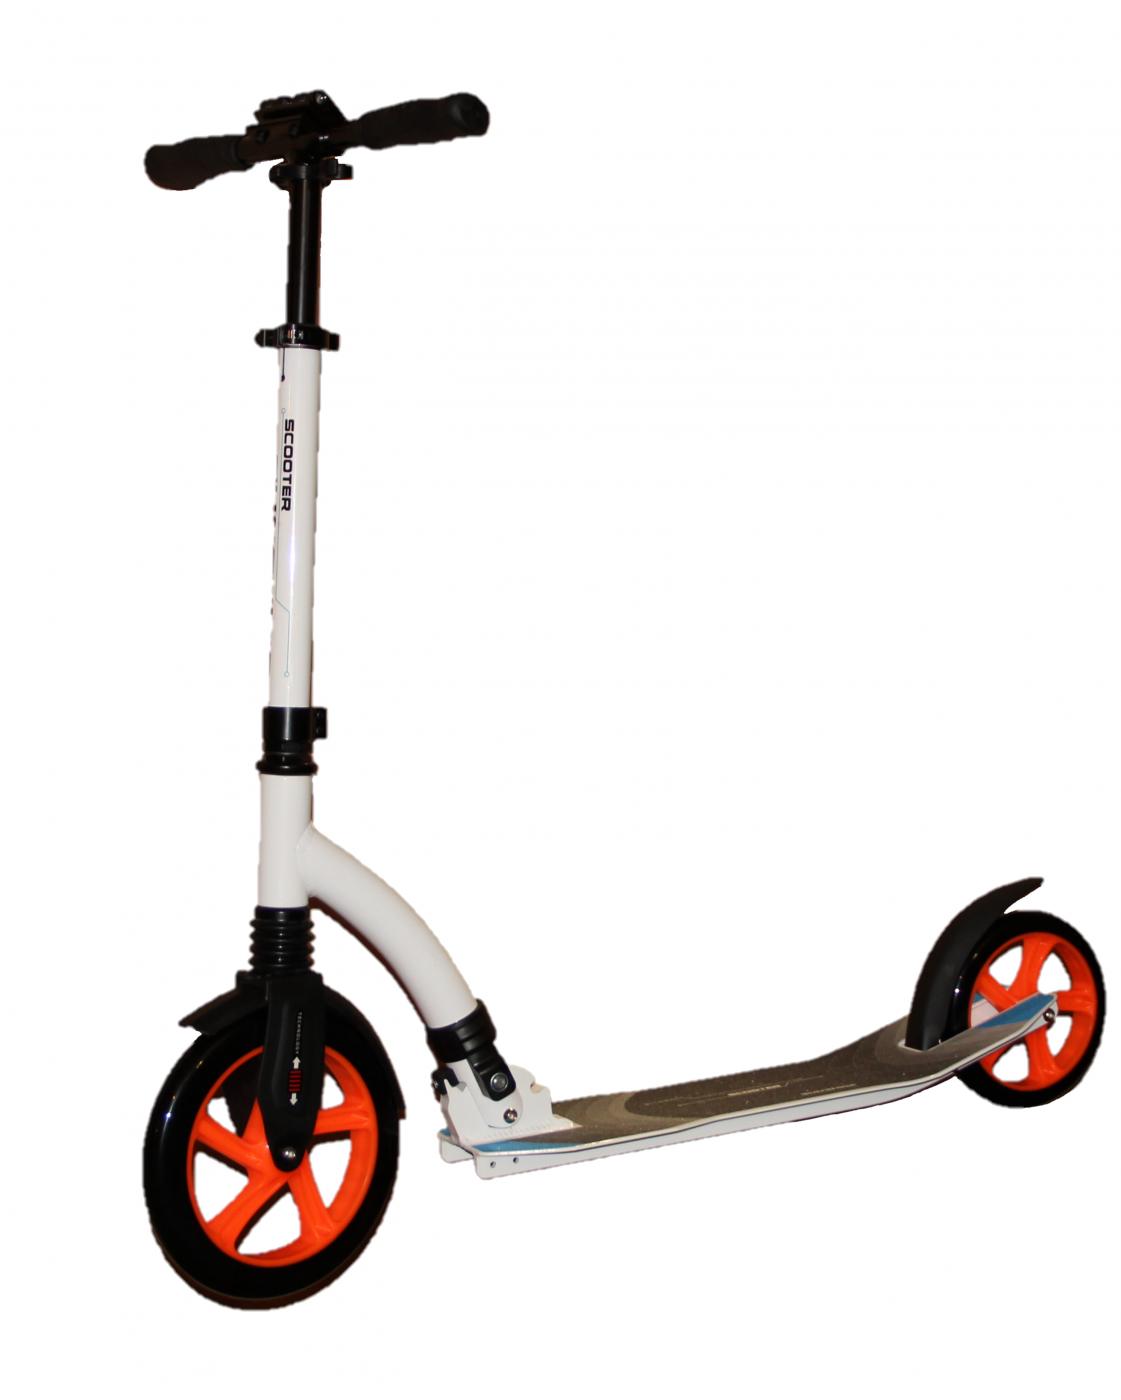 Cамокат для взрослых и подростков с большими колесами Slider URBAN TRAVEL